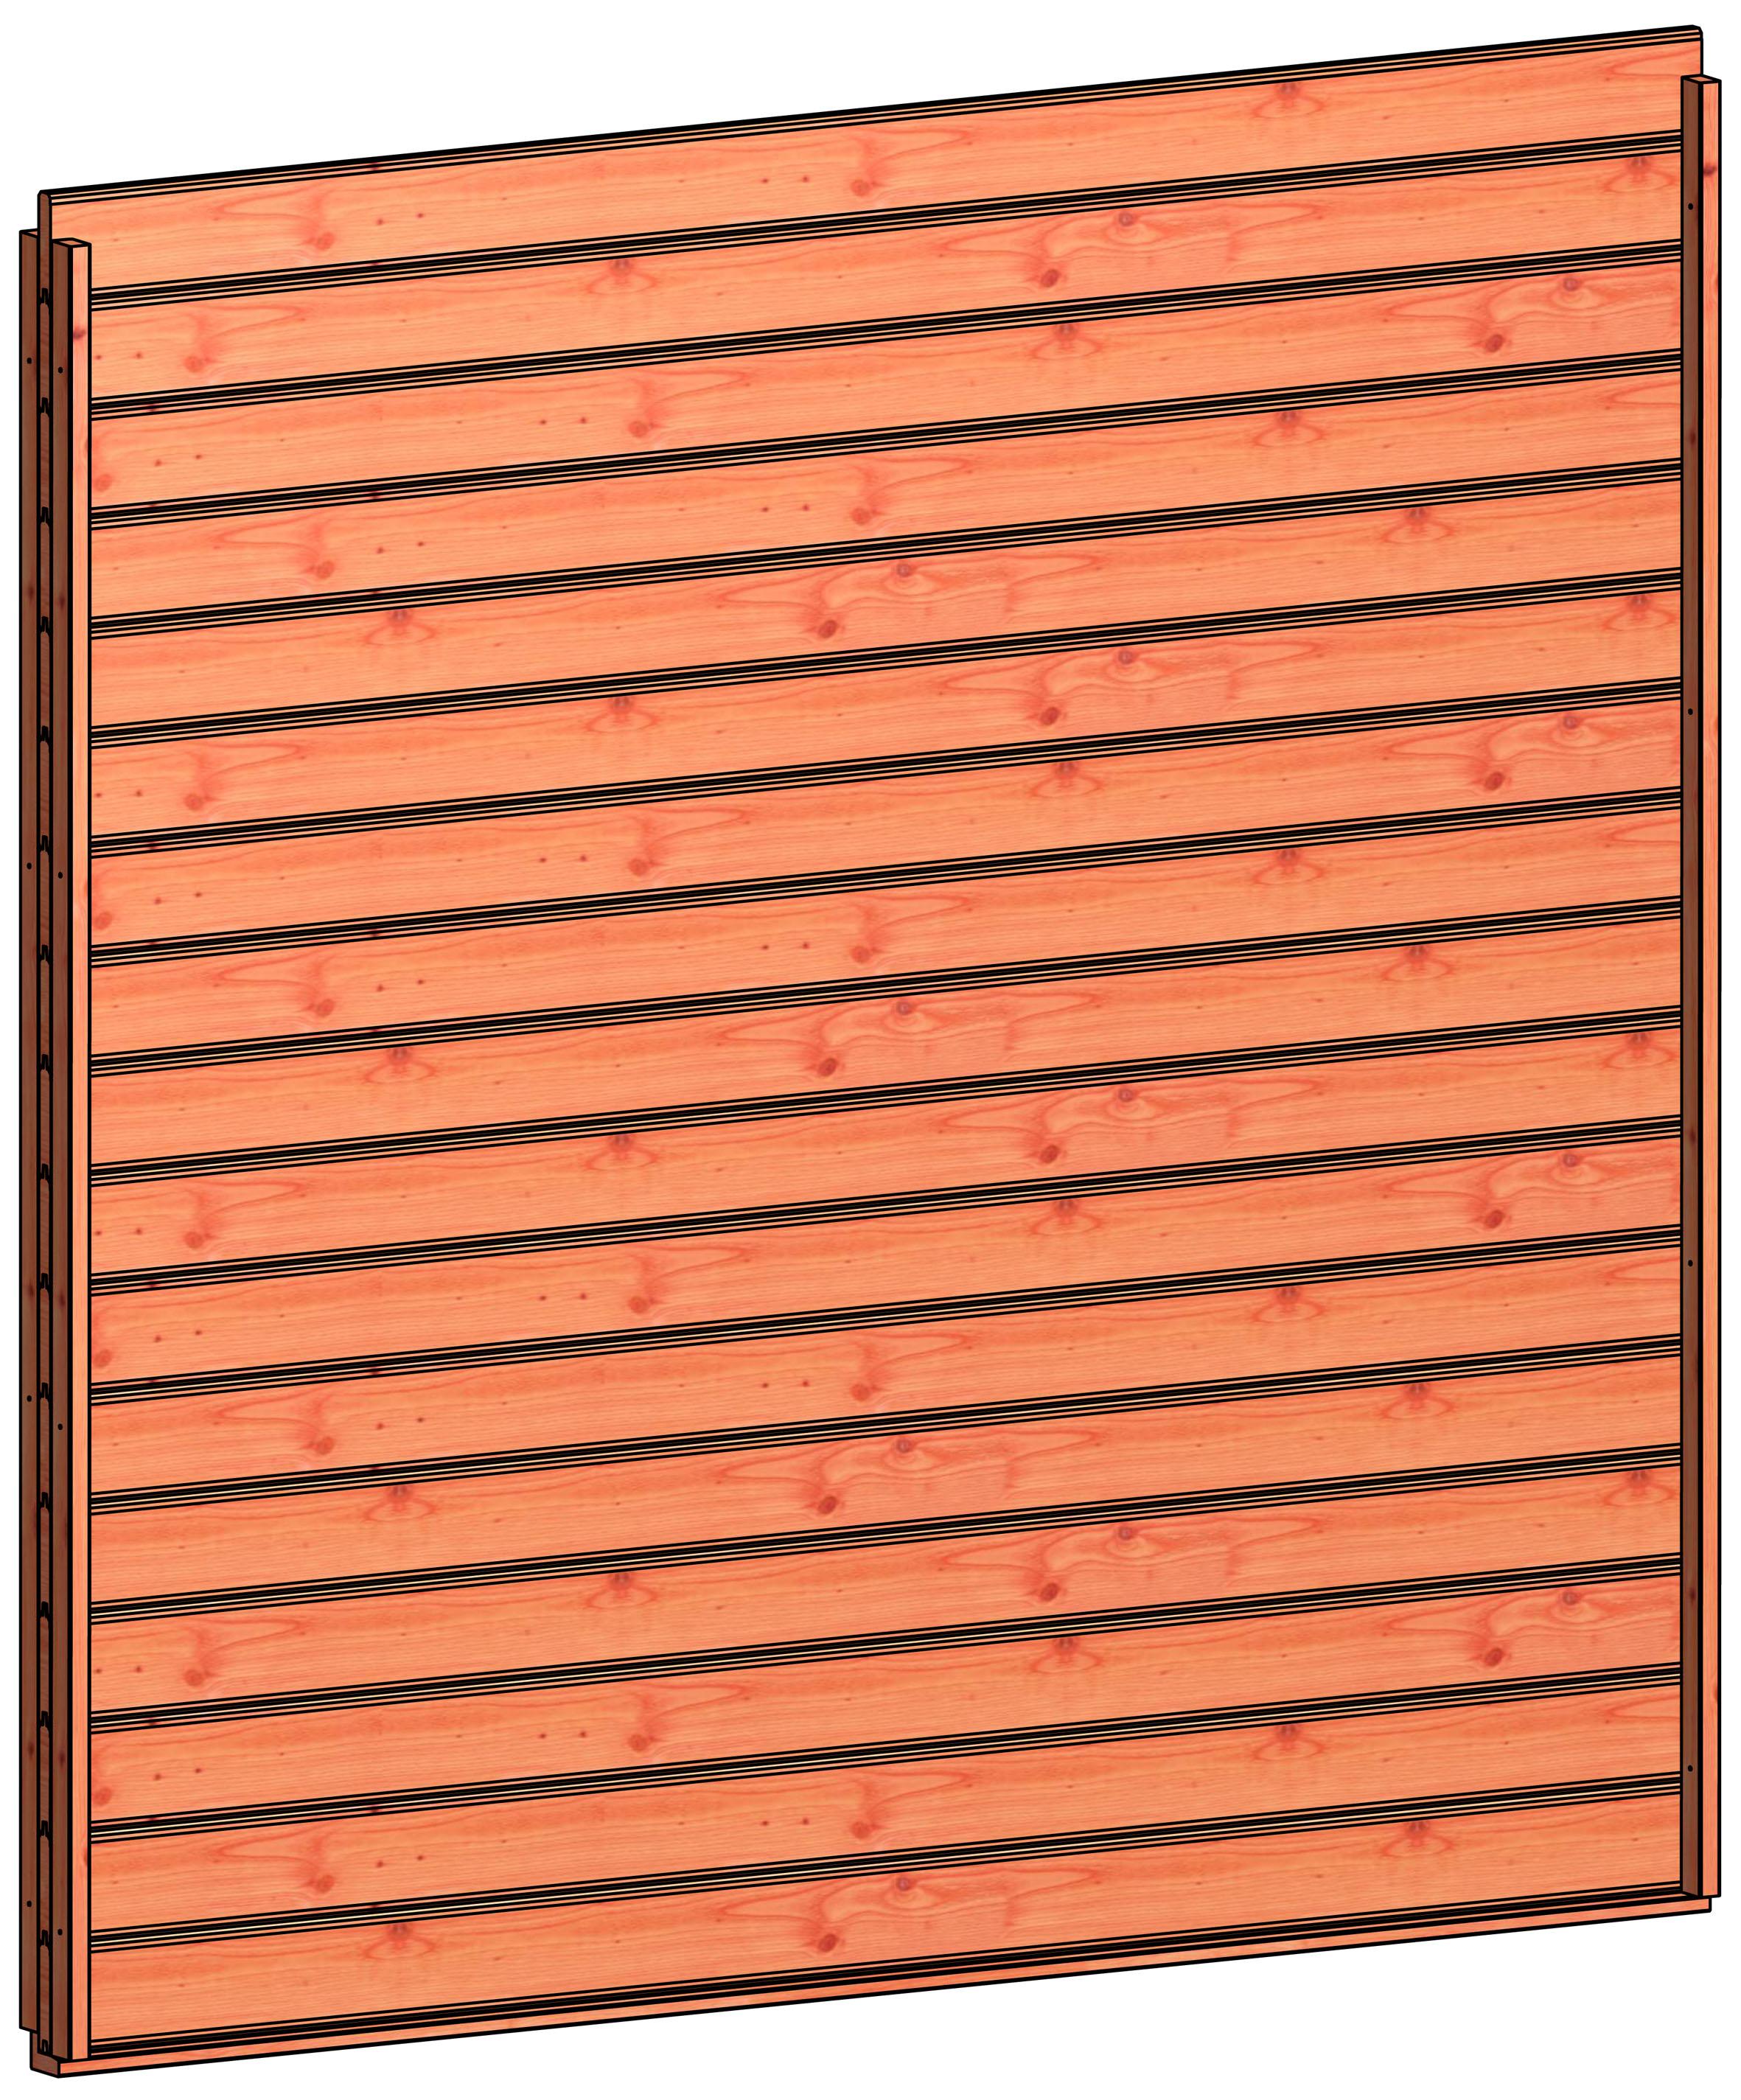 Trendhout | Wandmodule H blokhut profielplanken l | 223x220 cm